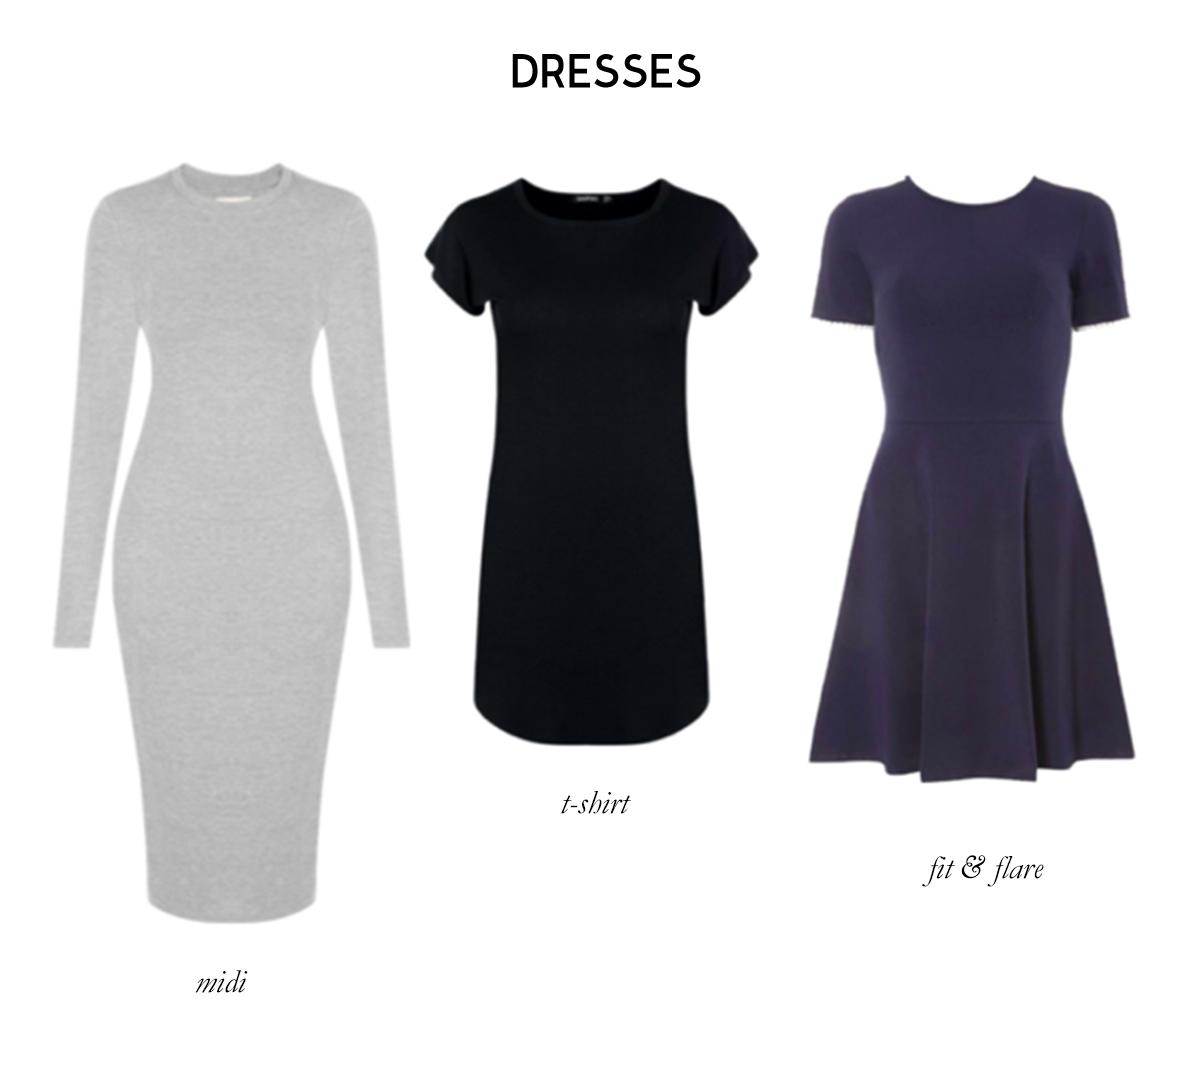 maternity-dresses.jpg